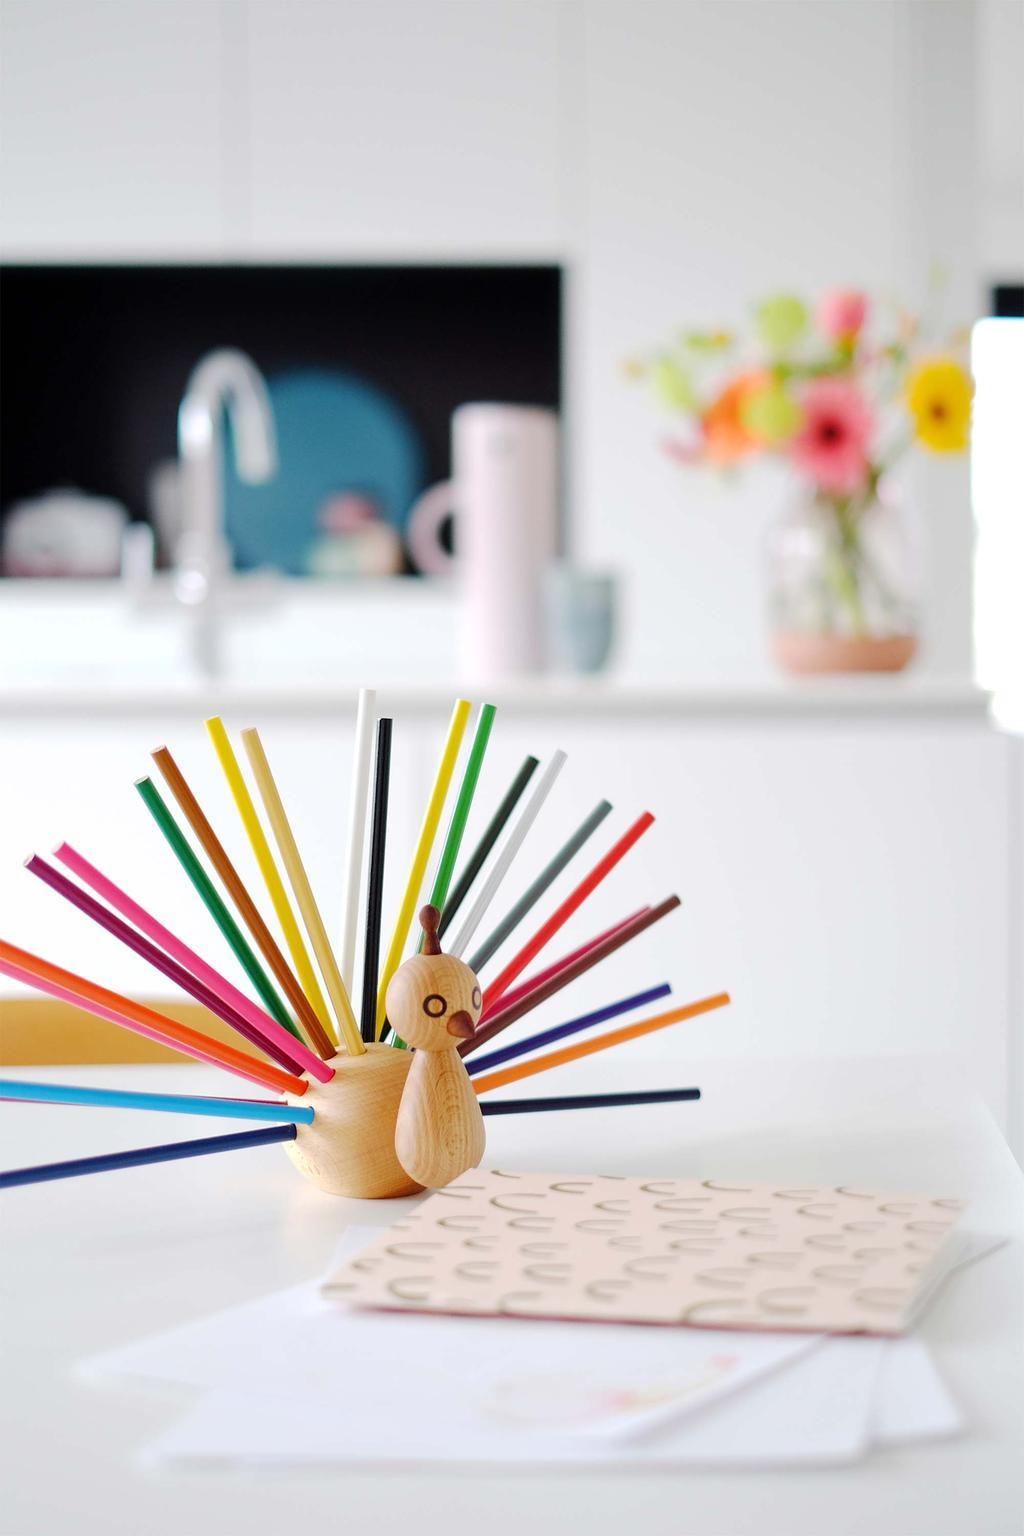 Designvogel voor potloden van Elements Optimal